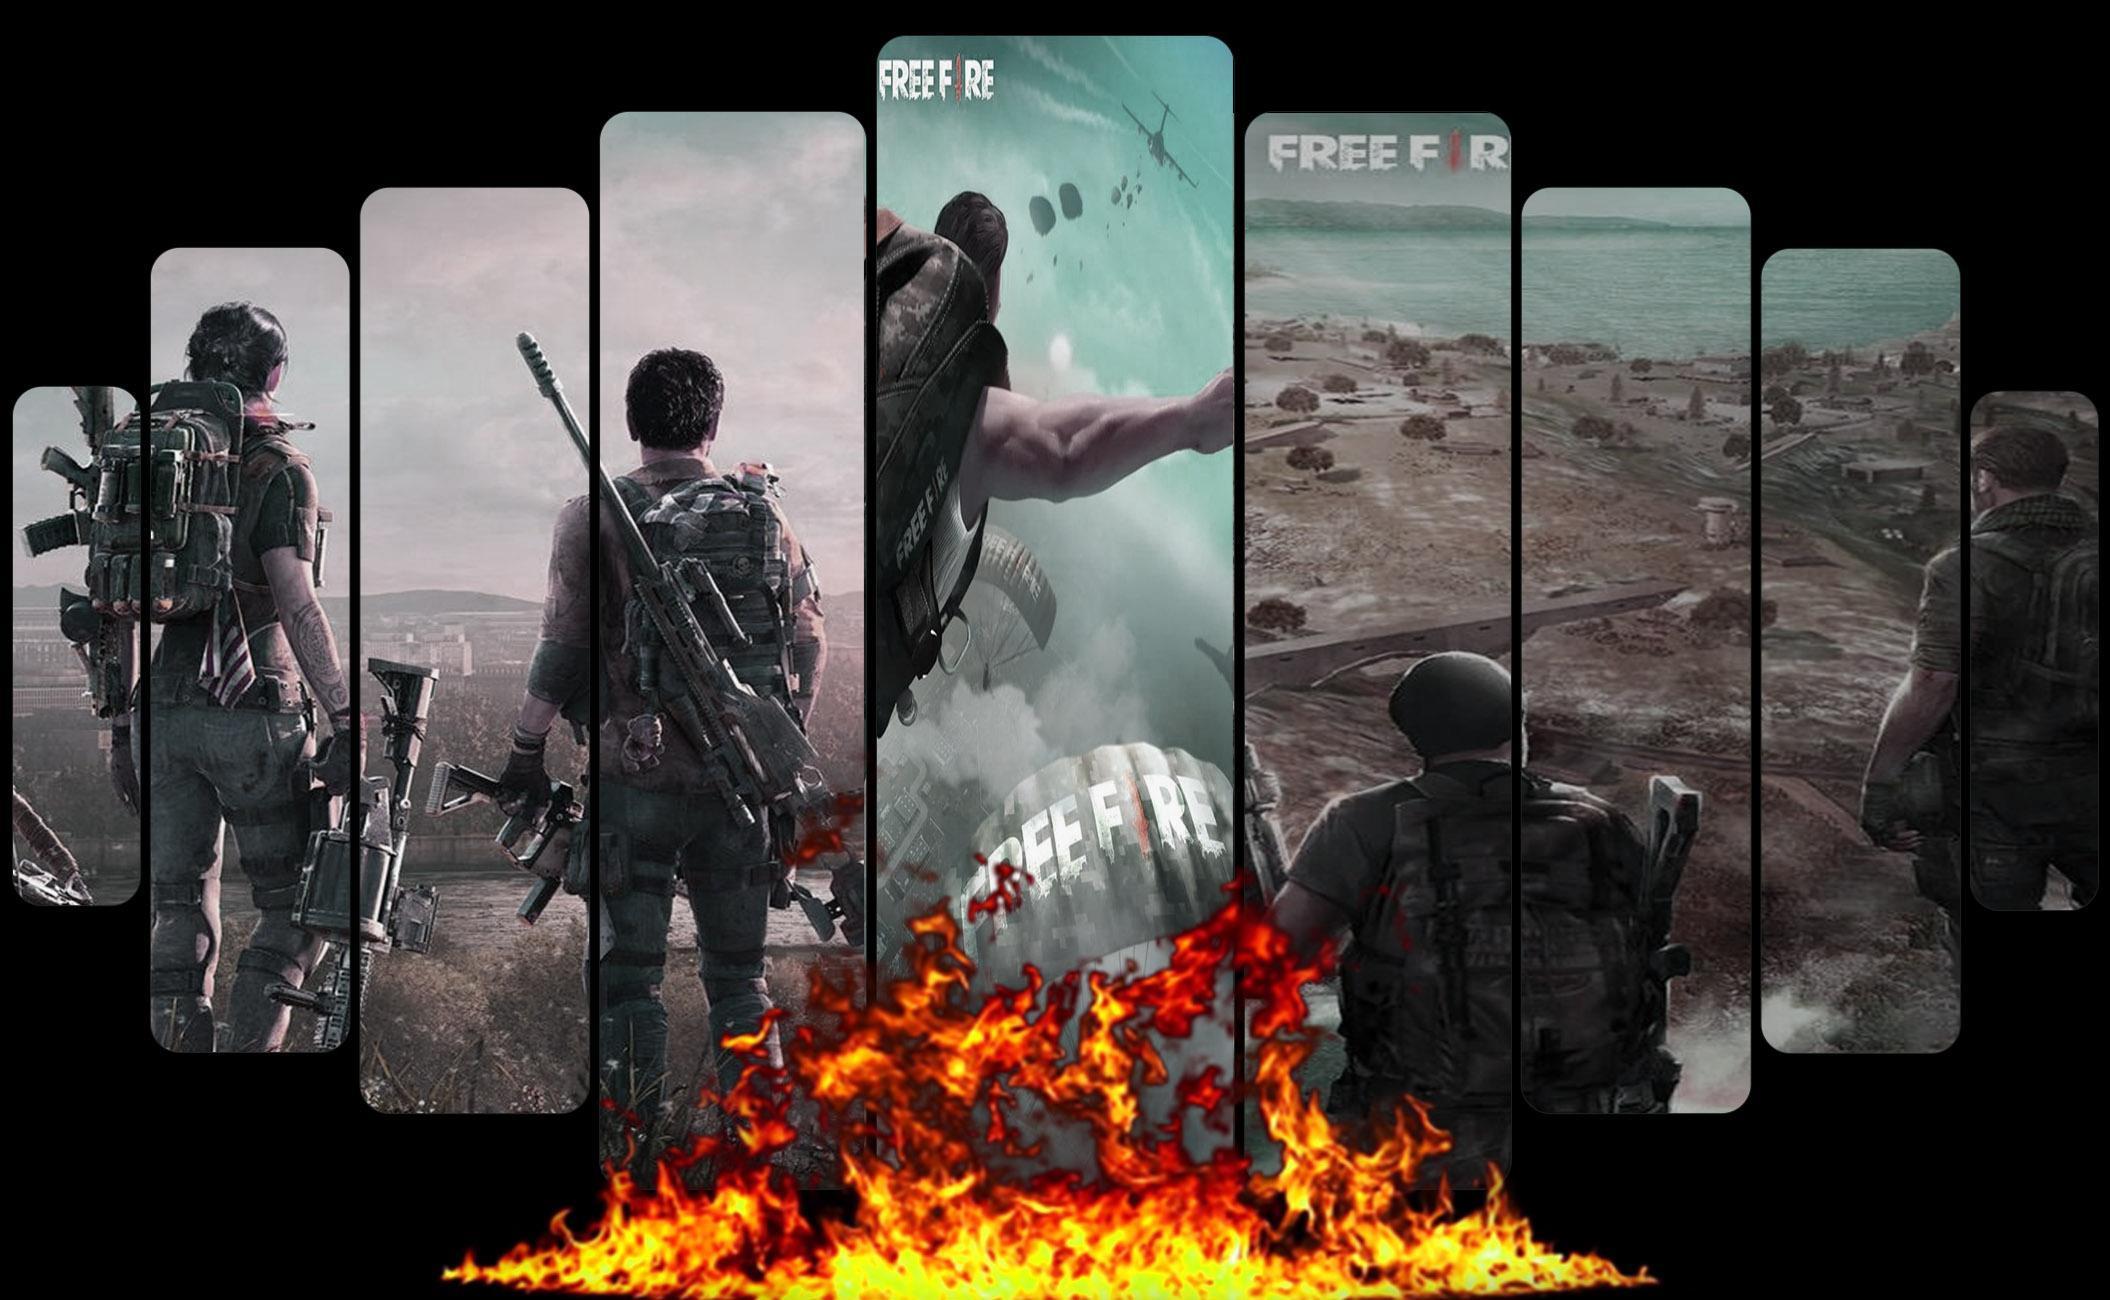 Free Fiire Fonds D écran Hd 4k 2019 Pour Android